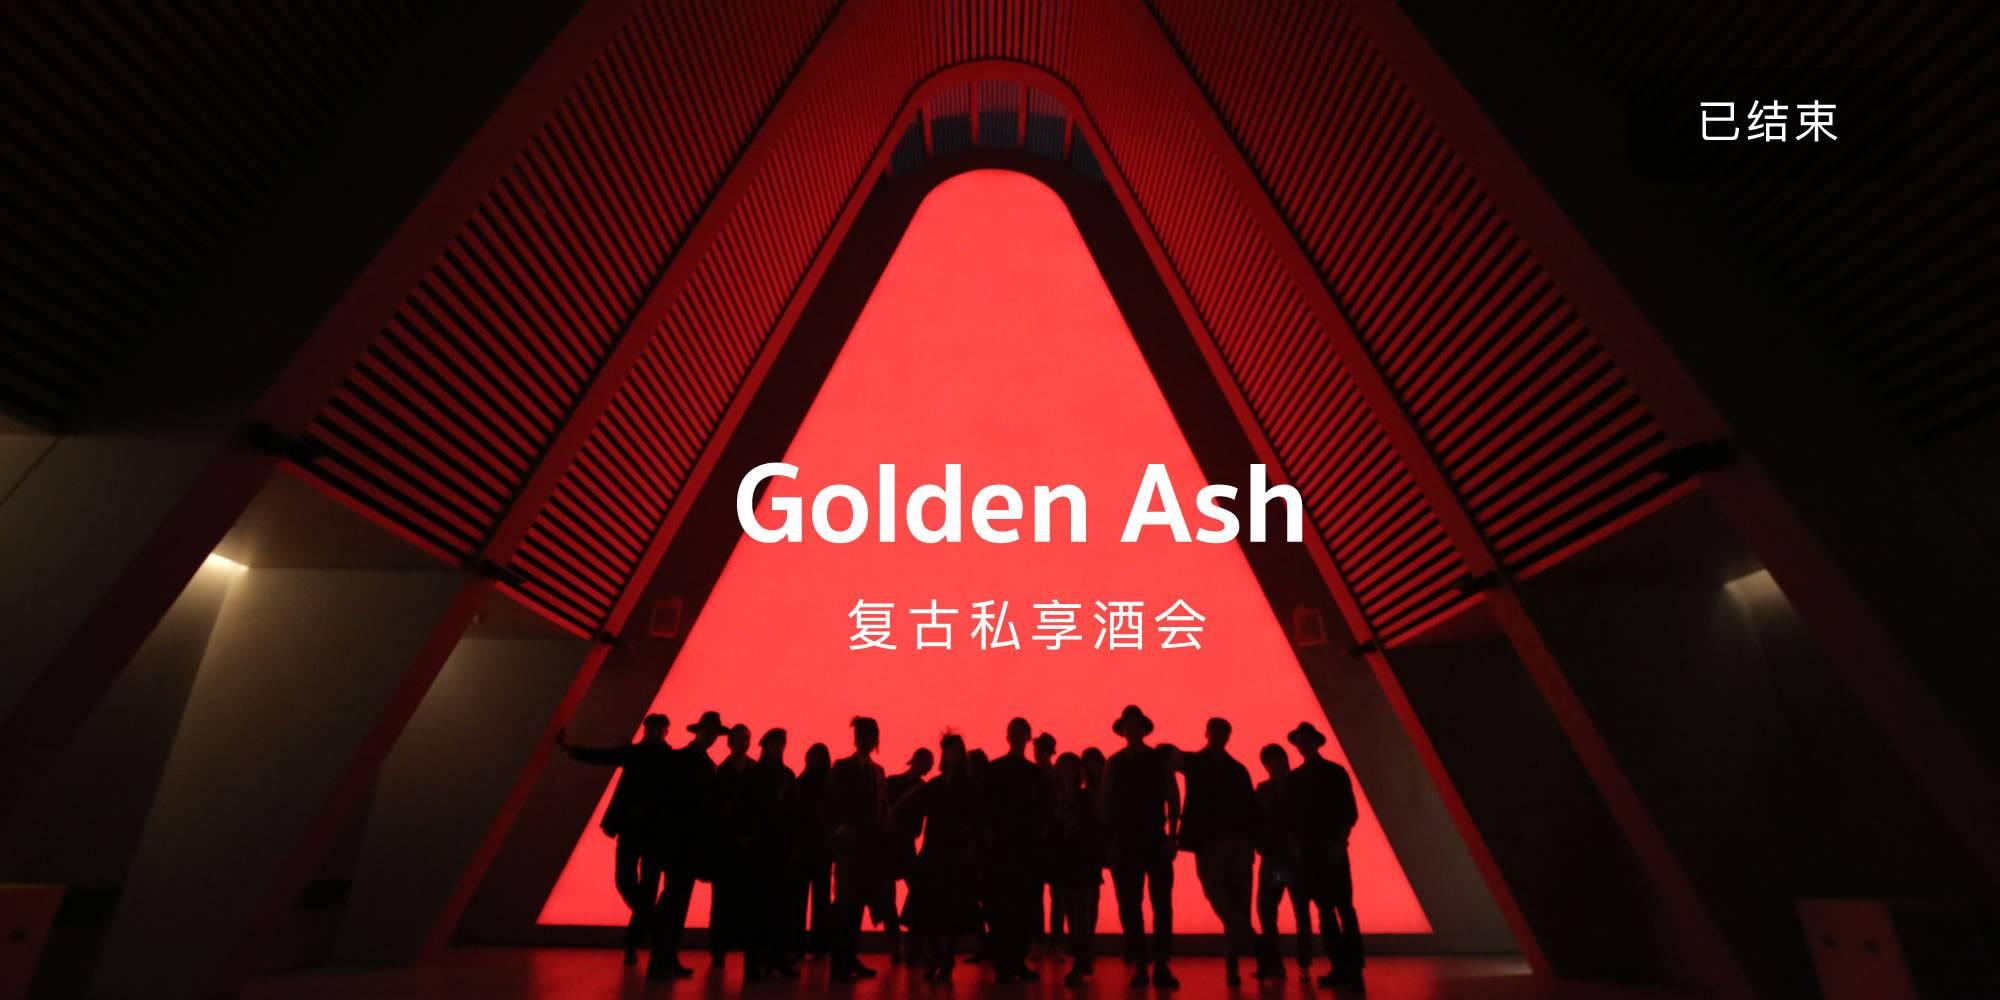 视频:Golden Ash 复古私享酒会 举杯致敬黄金时代